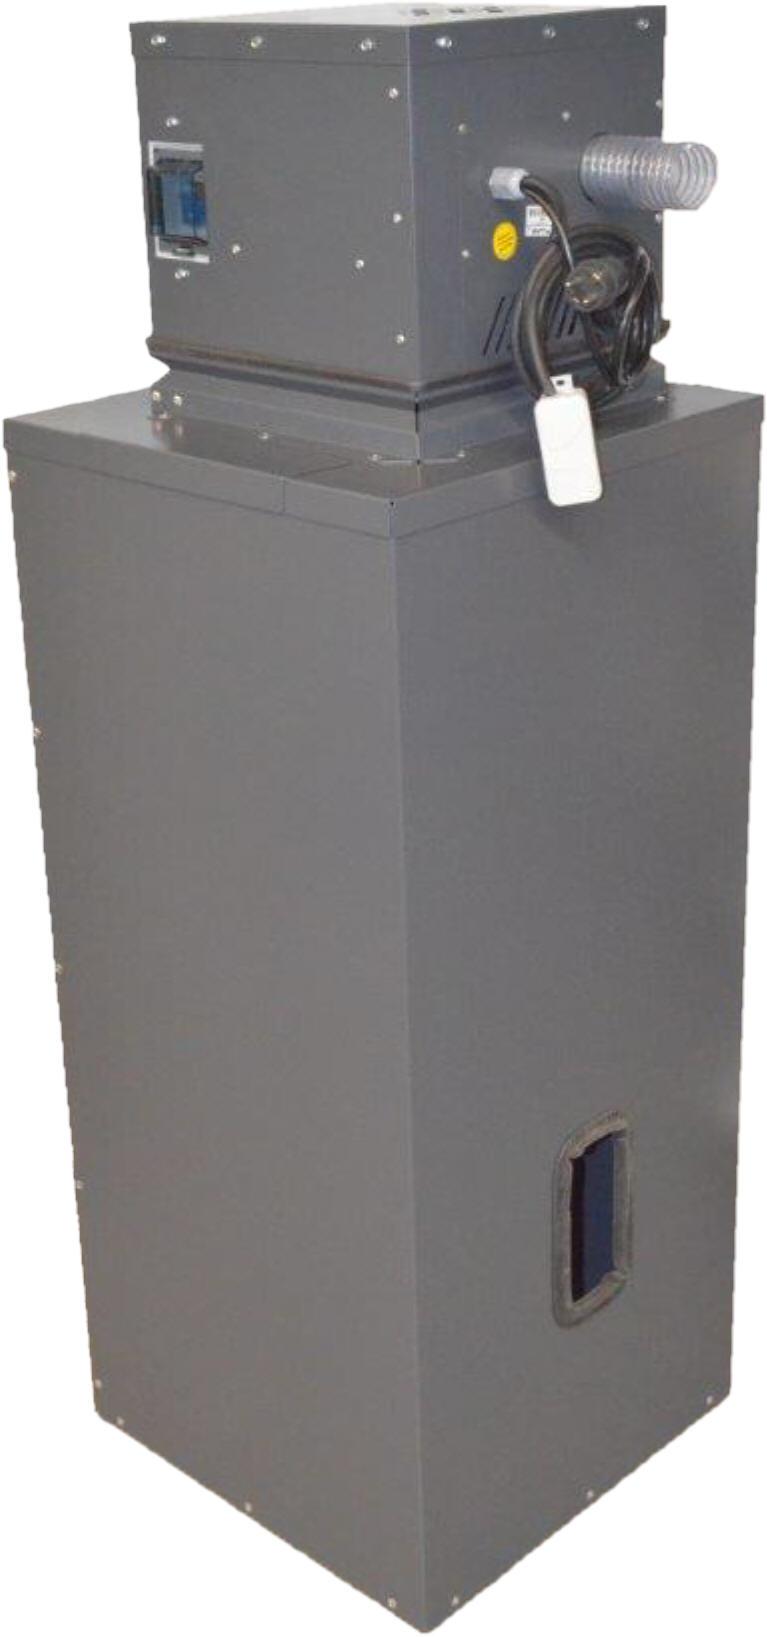 VACU-SLIM mit Zwischenbehälter 300 Liter Silotec Saugsystem Zyklon für Holzpellets Killus-Technik.de